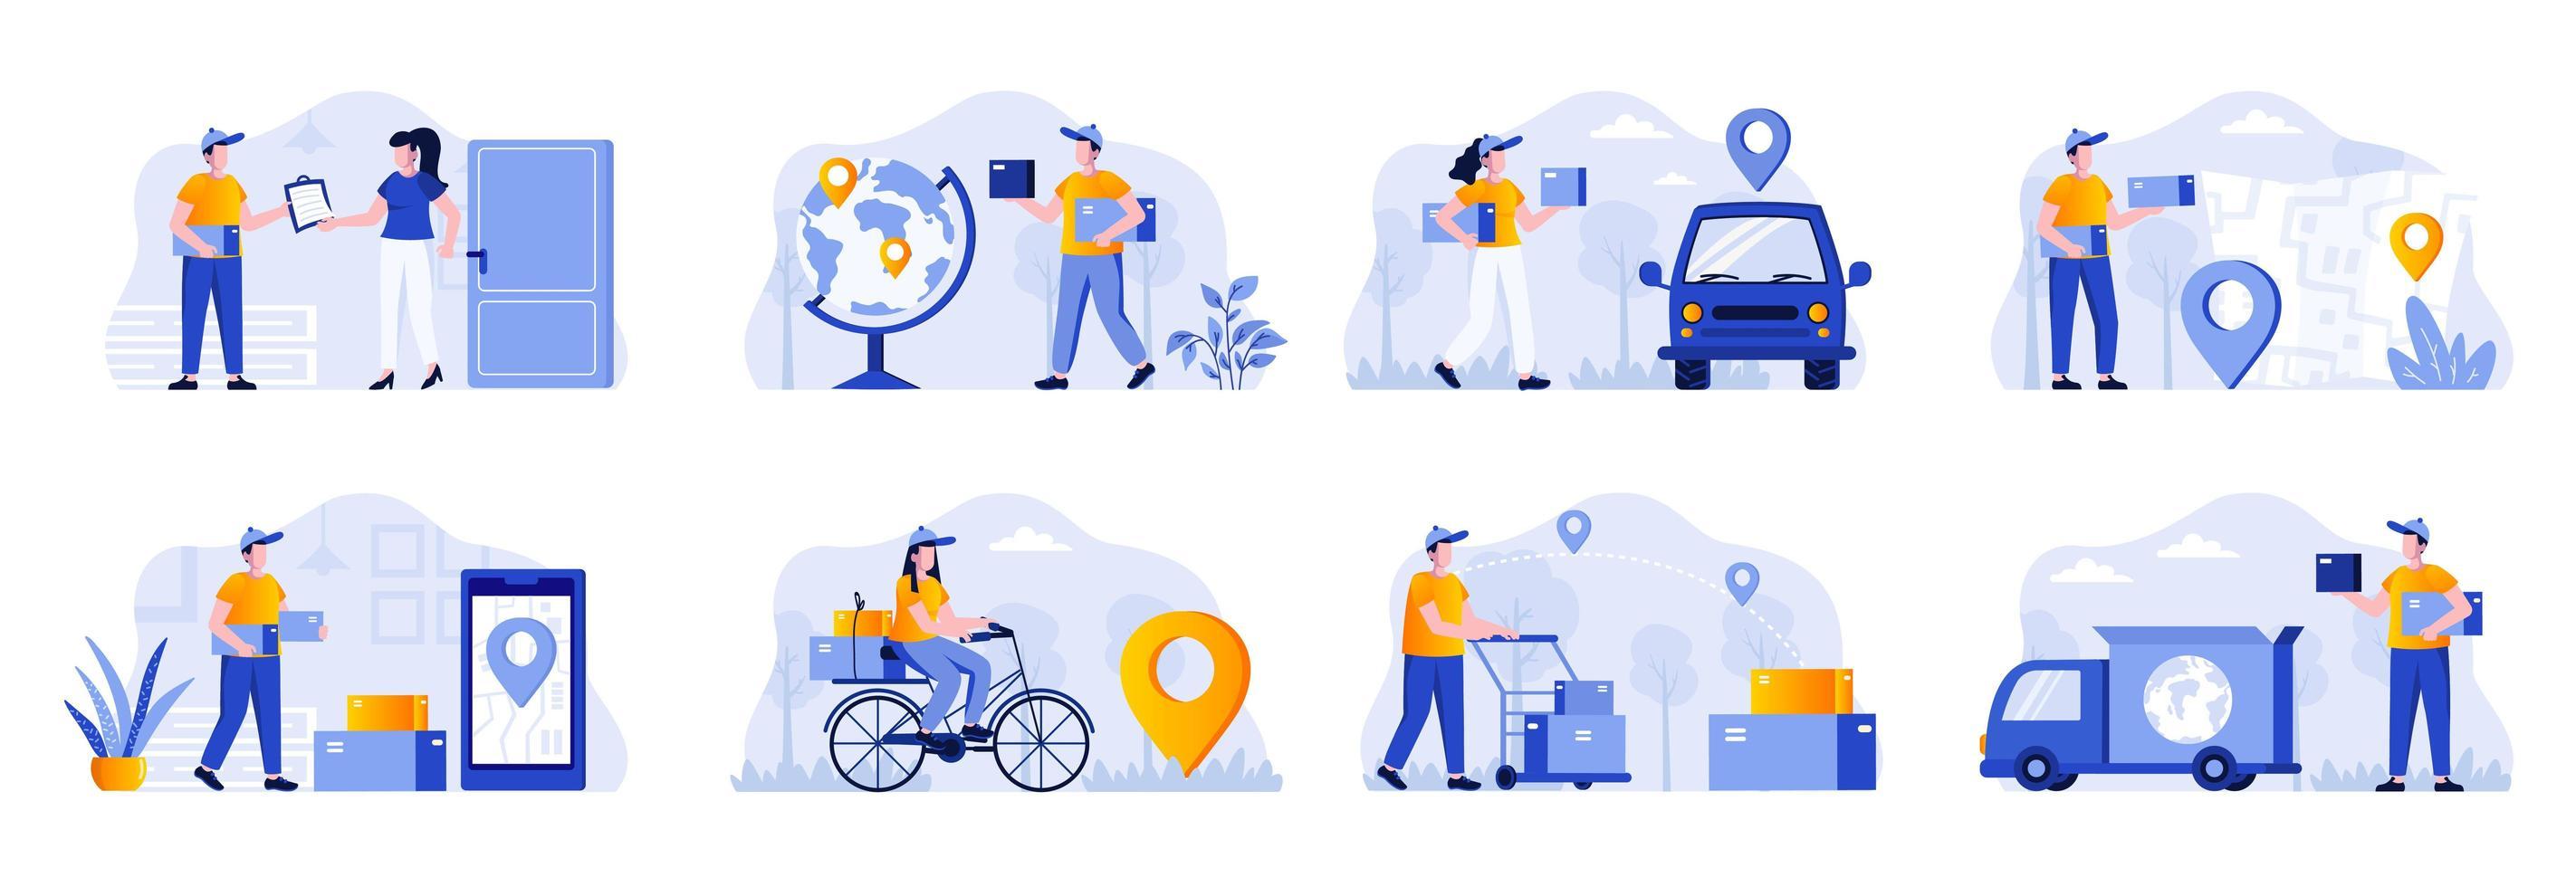 Paquete de escenas de entrega con personajes de personas. vector